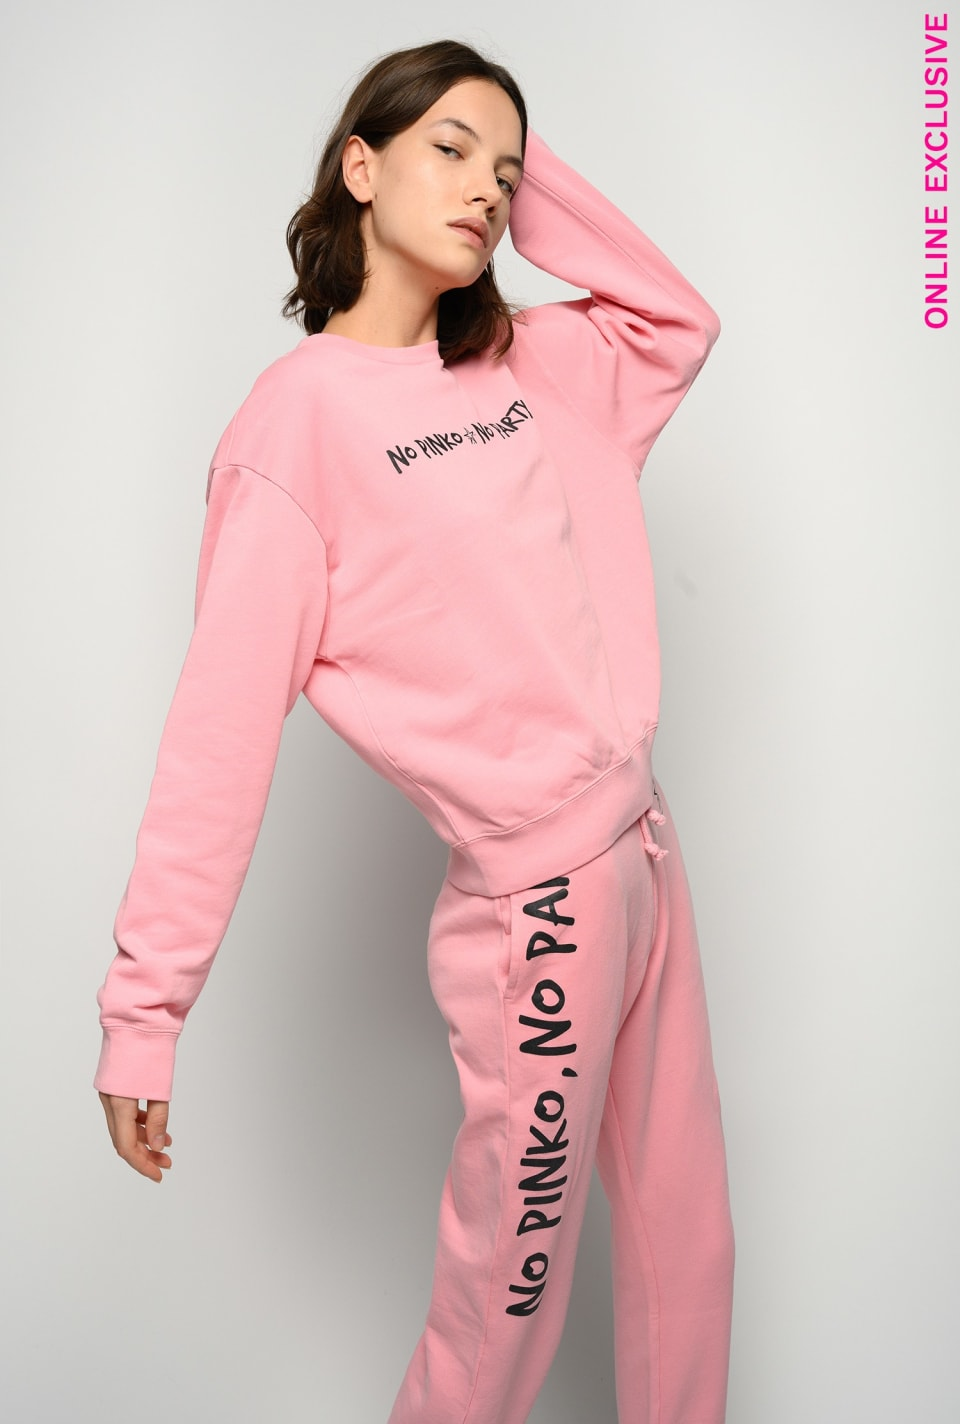 No PINKO No Party sweatshirt - Pinko